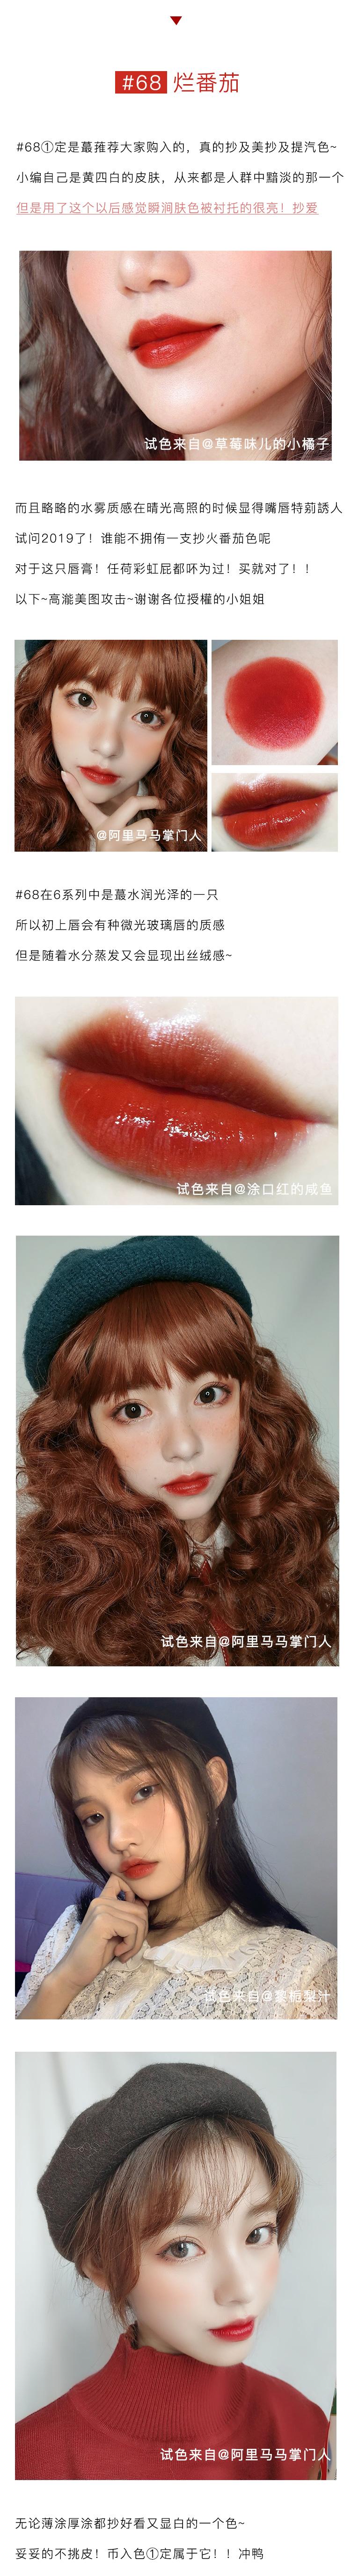 橘朵唇釉哑光丝绒口红镜面水光学生款平价小众品牌详细照片